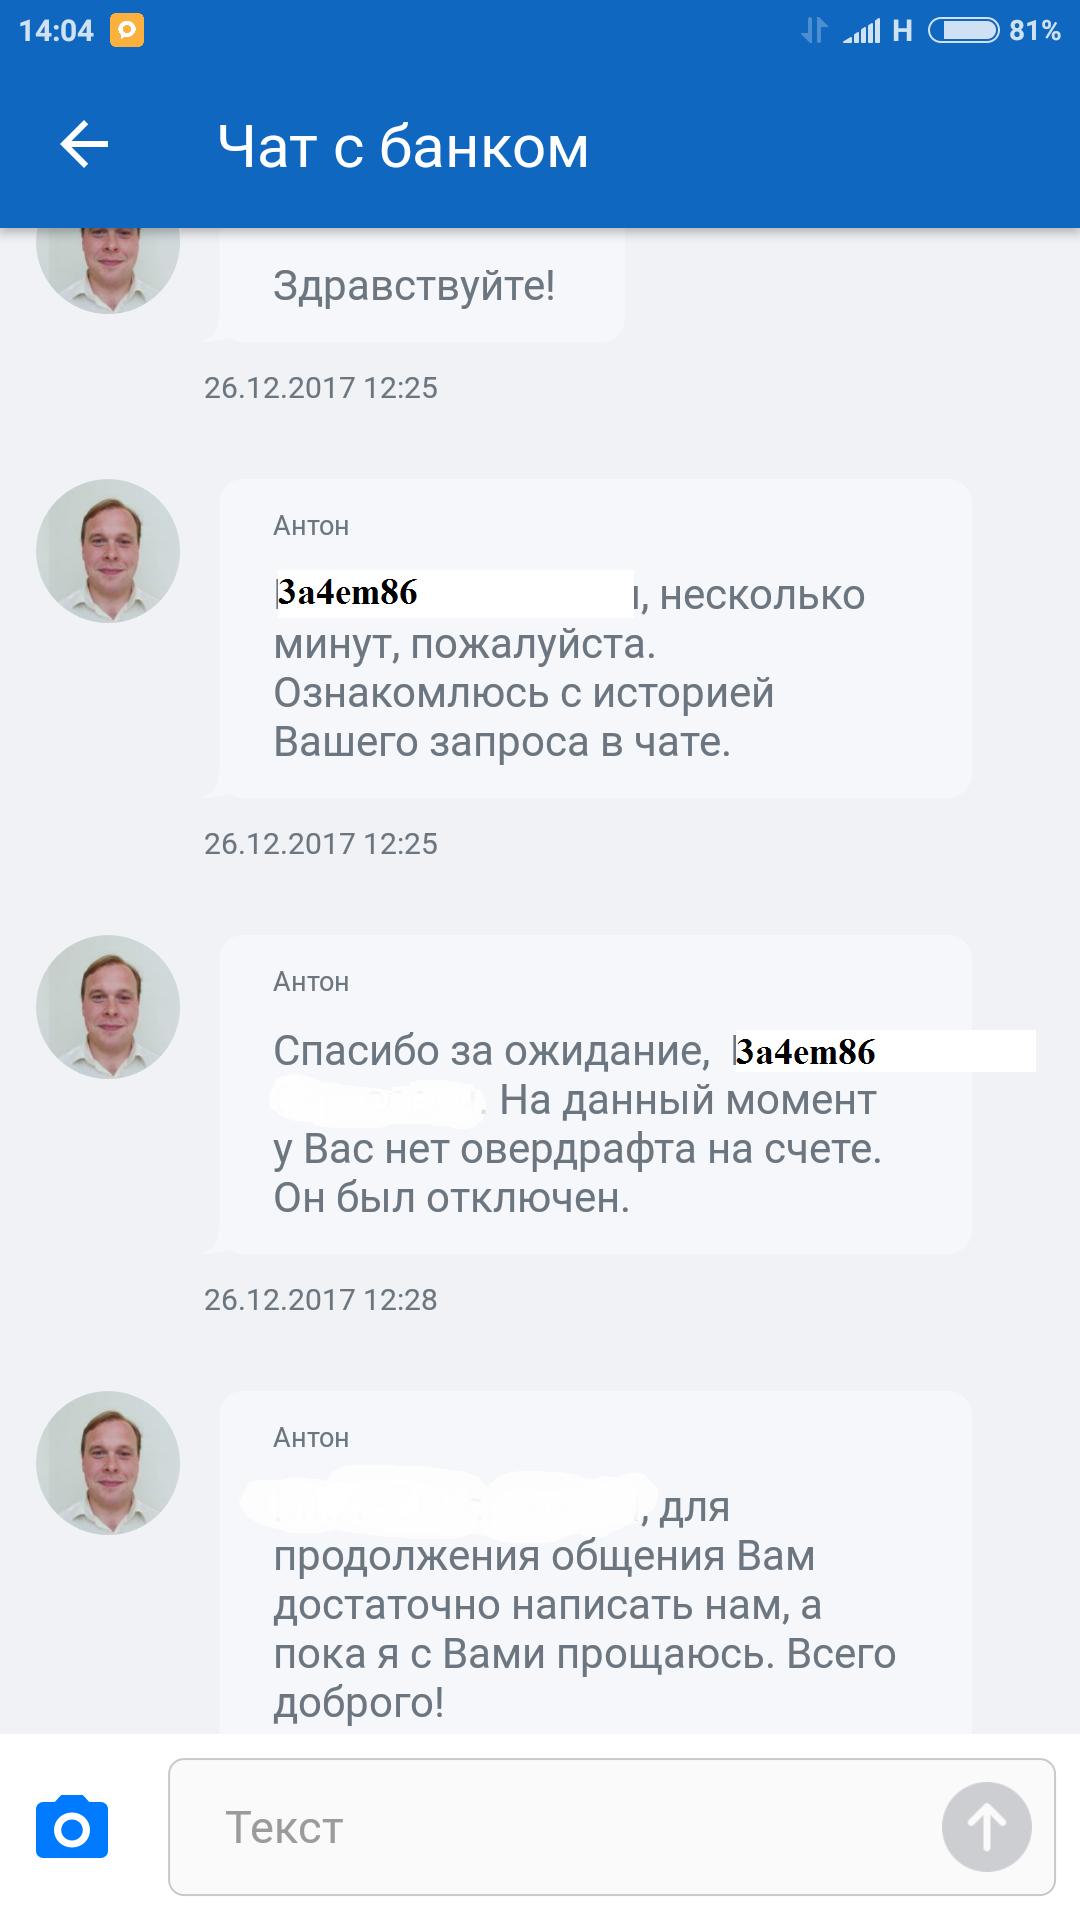 банк втб-24 официальный сайт москва